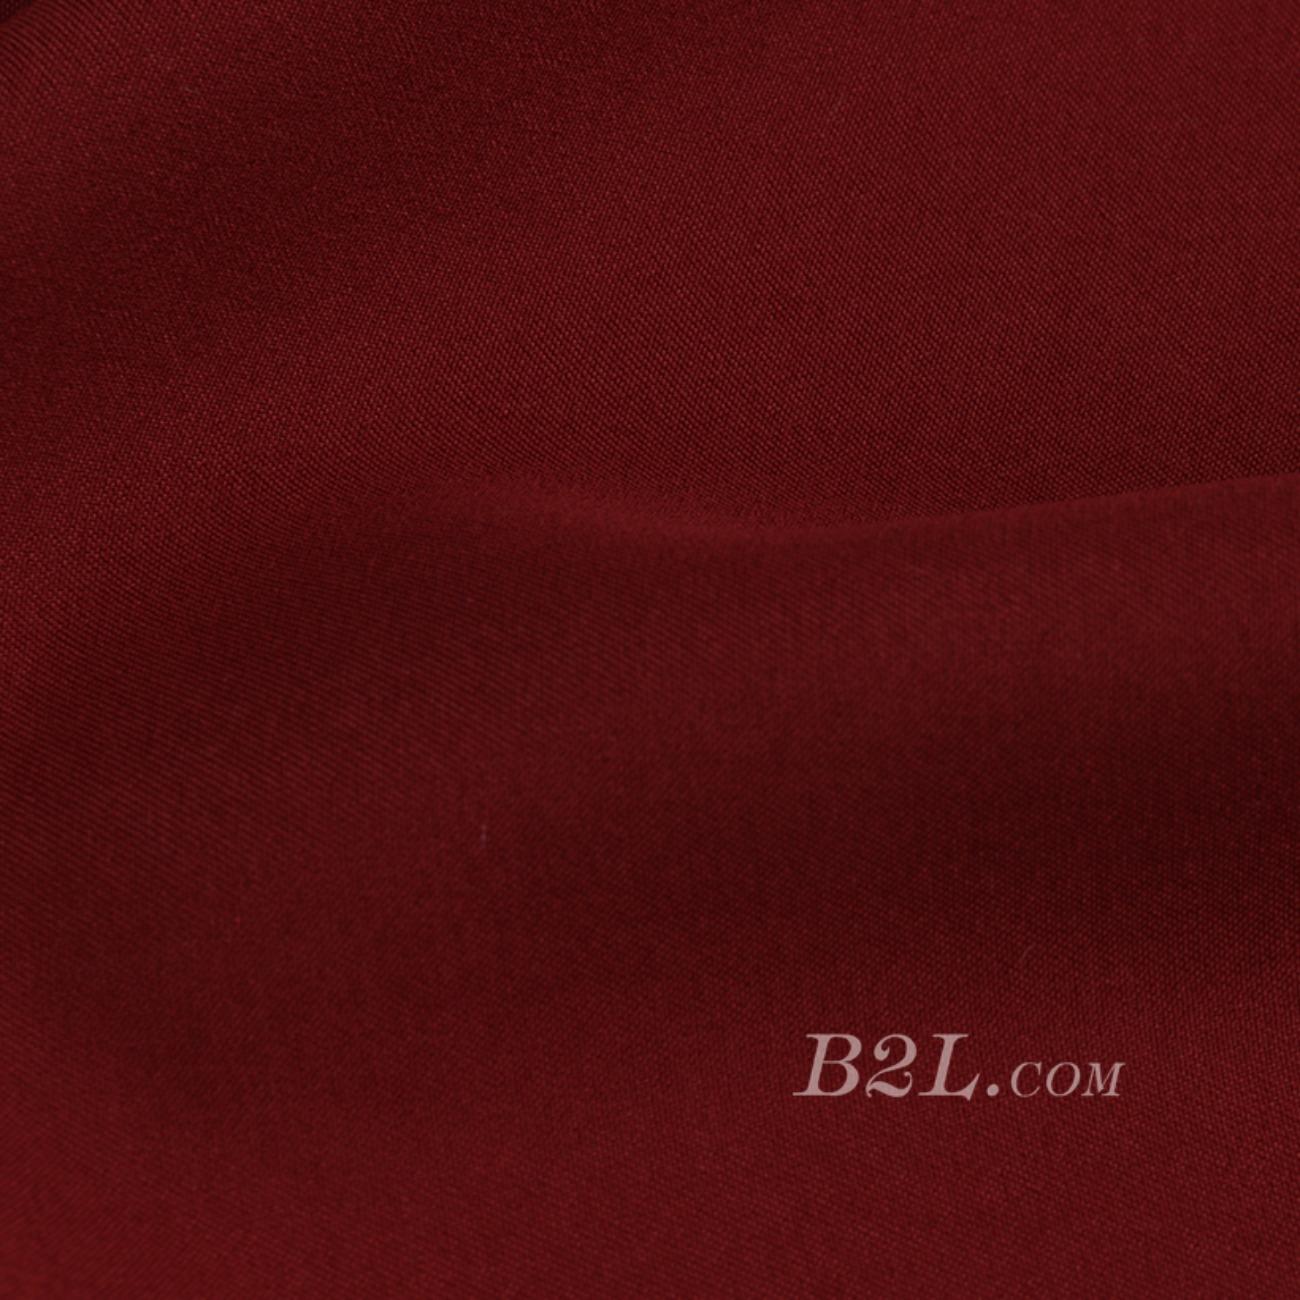 麻料 平纹梭织素色染色双层连衣裙 短裙 衬衫 低弹 春 秋 柔软 70703-2